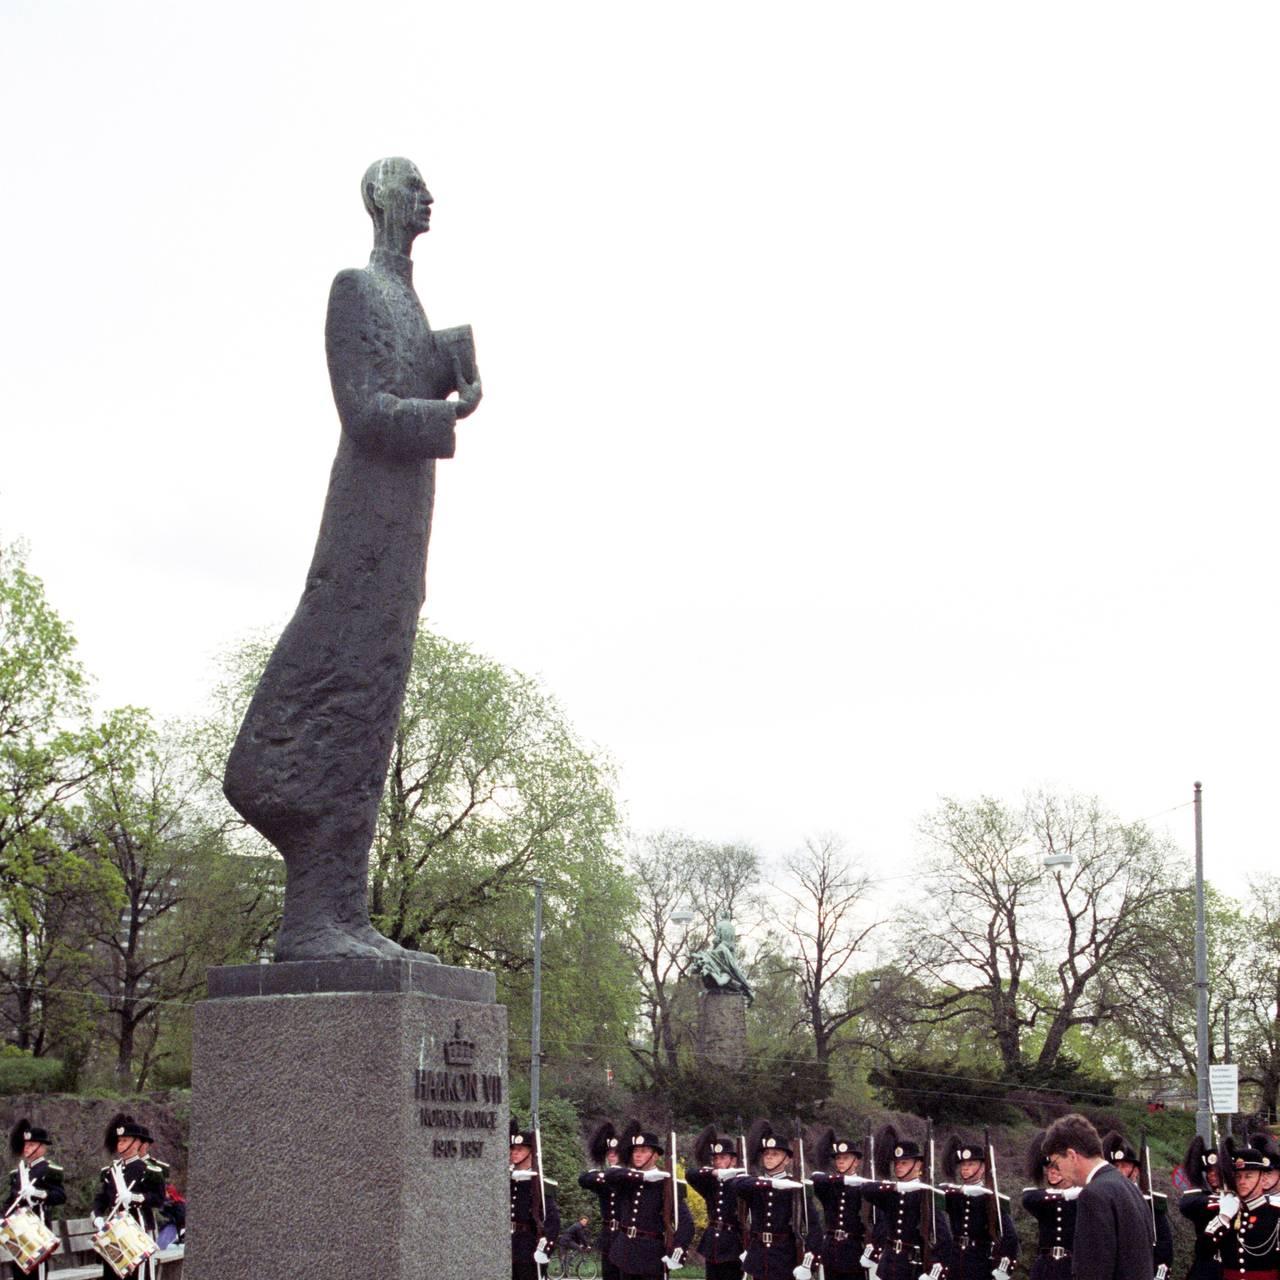 Frigjøringsjubileet  8. mai 1995 Utenriksminister Bjørn Tore Godal legger ned krans ved statuen av kong Haakon VII på 7. Juniplassen